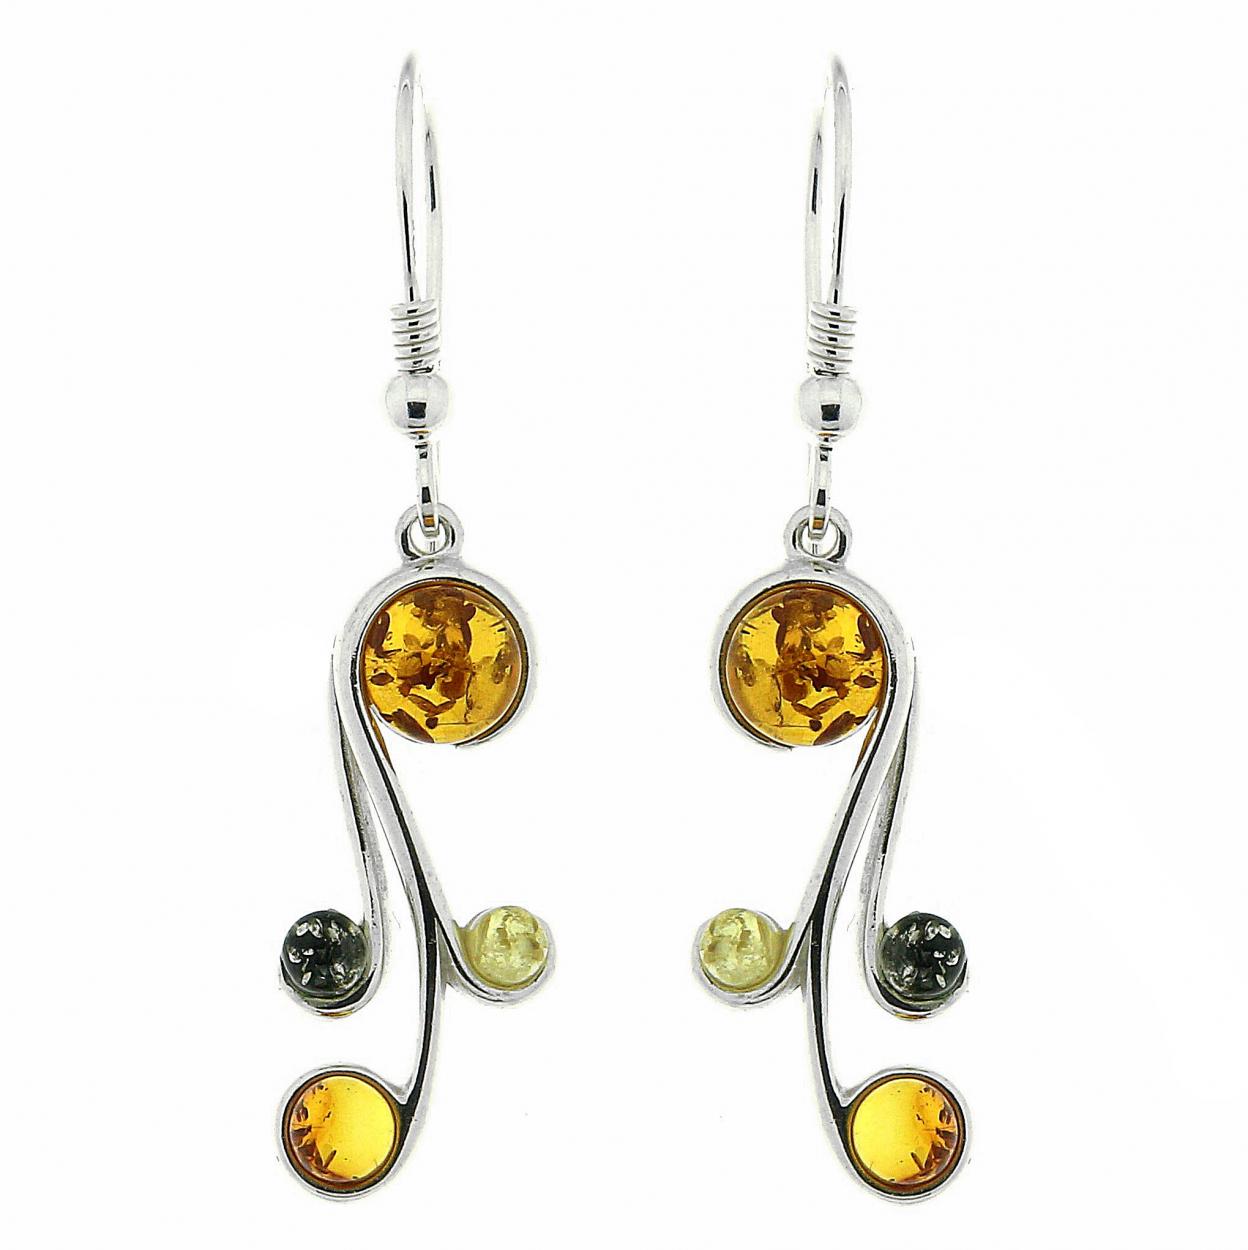 Boucles d 39 oreilles ambre multicolore et argent 925 ref 42356 - Fermoir boucle d oreille argent ...